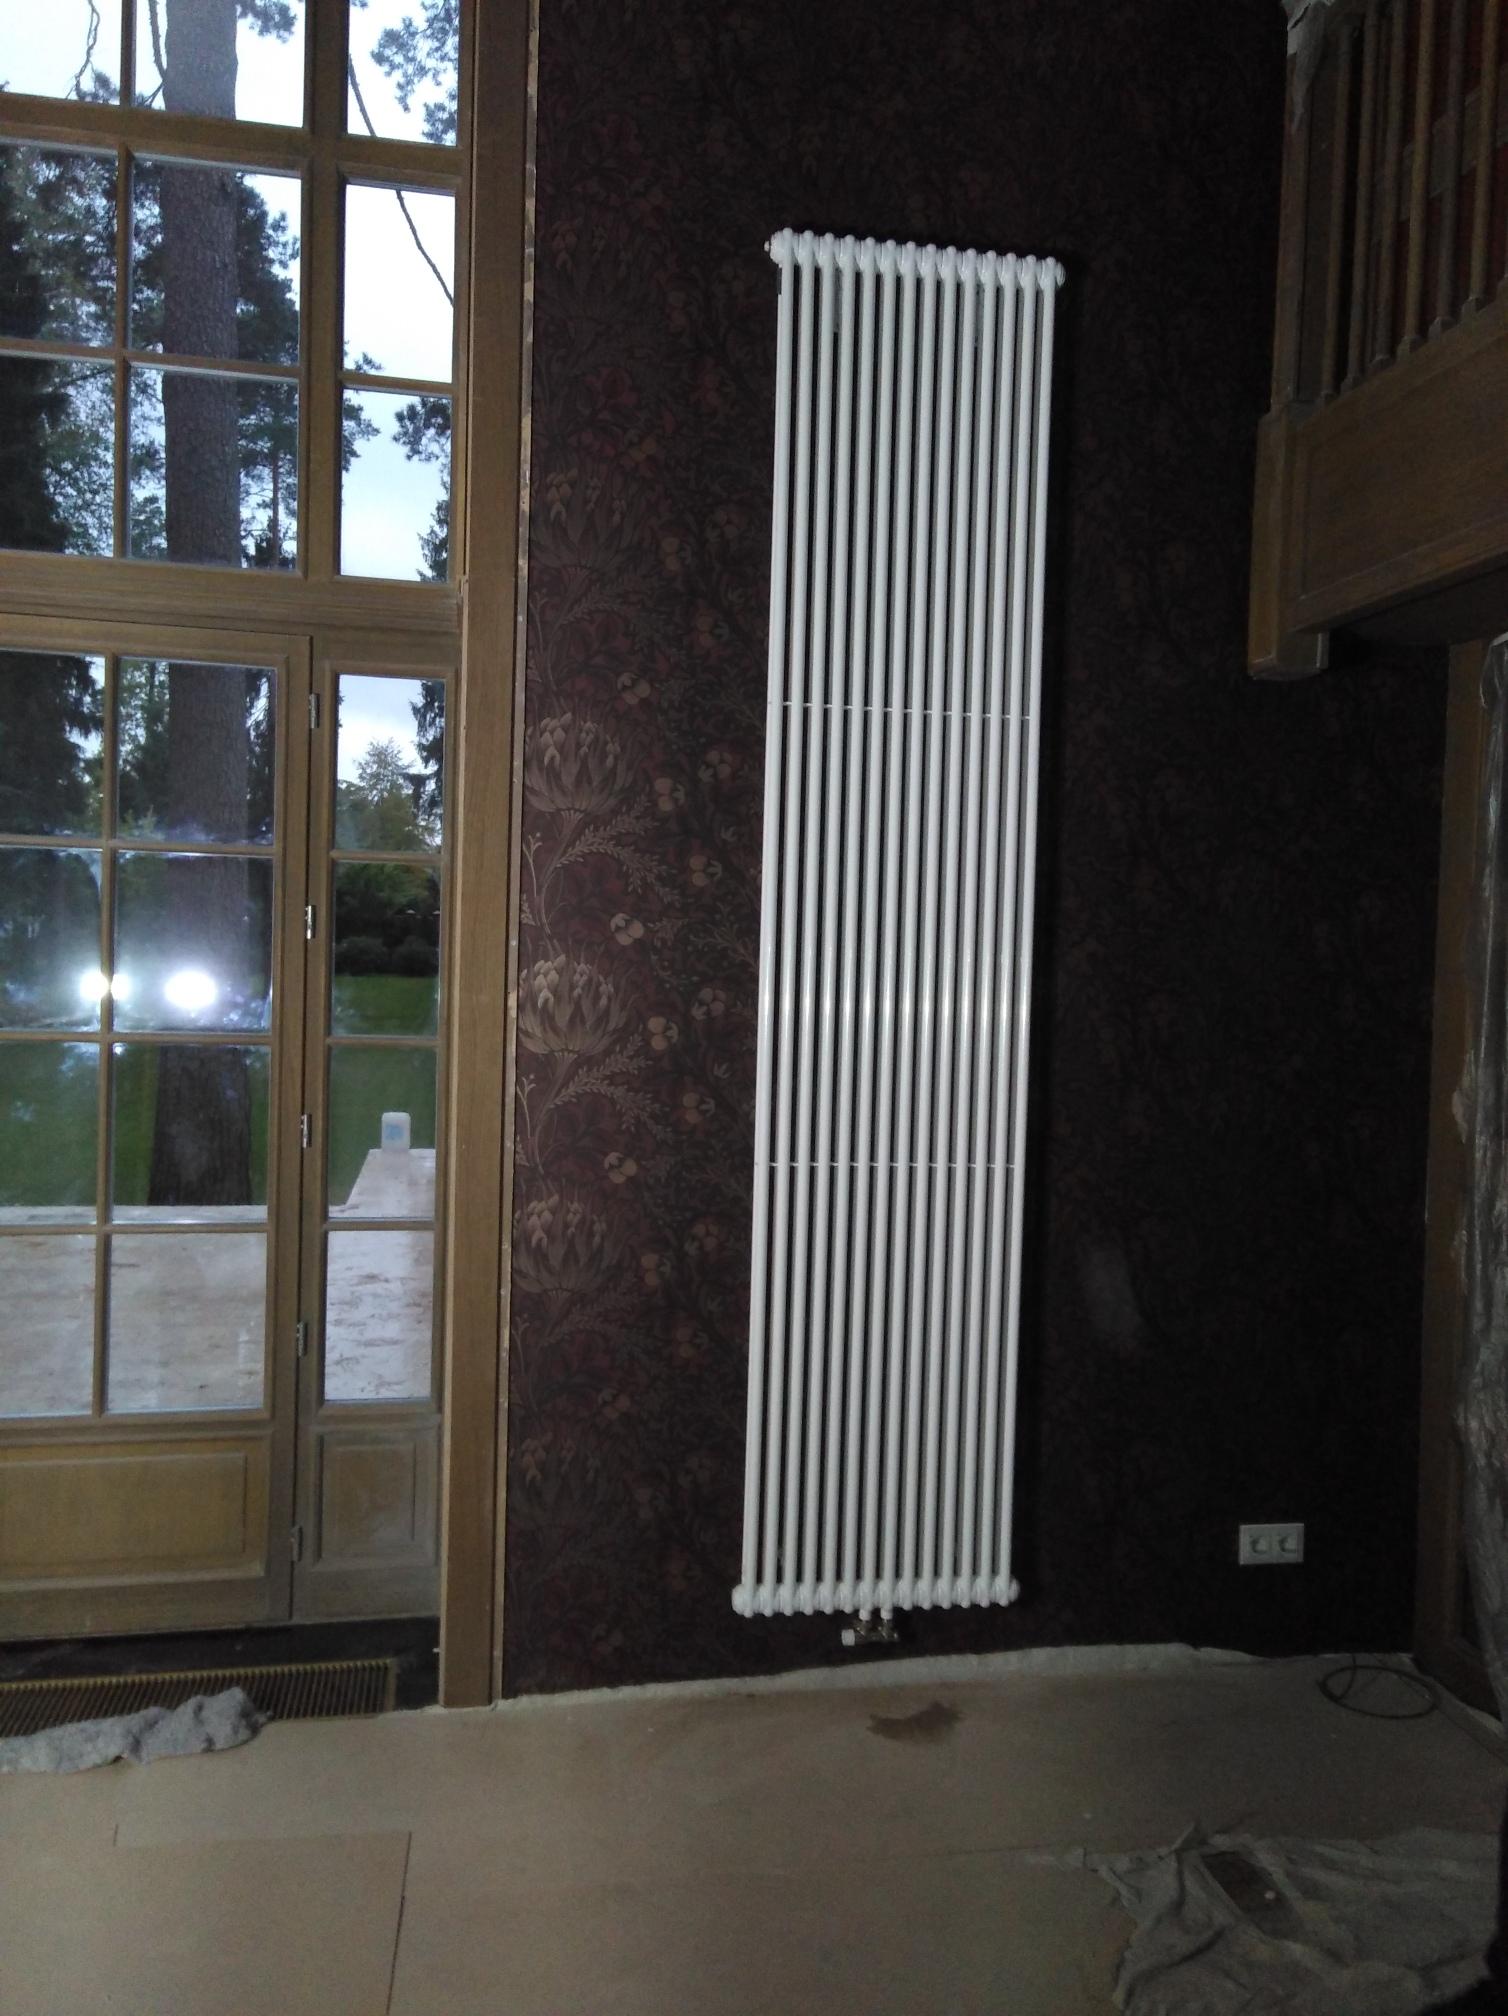 montazh-radiatorov-otopleniya-14